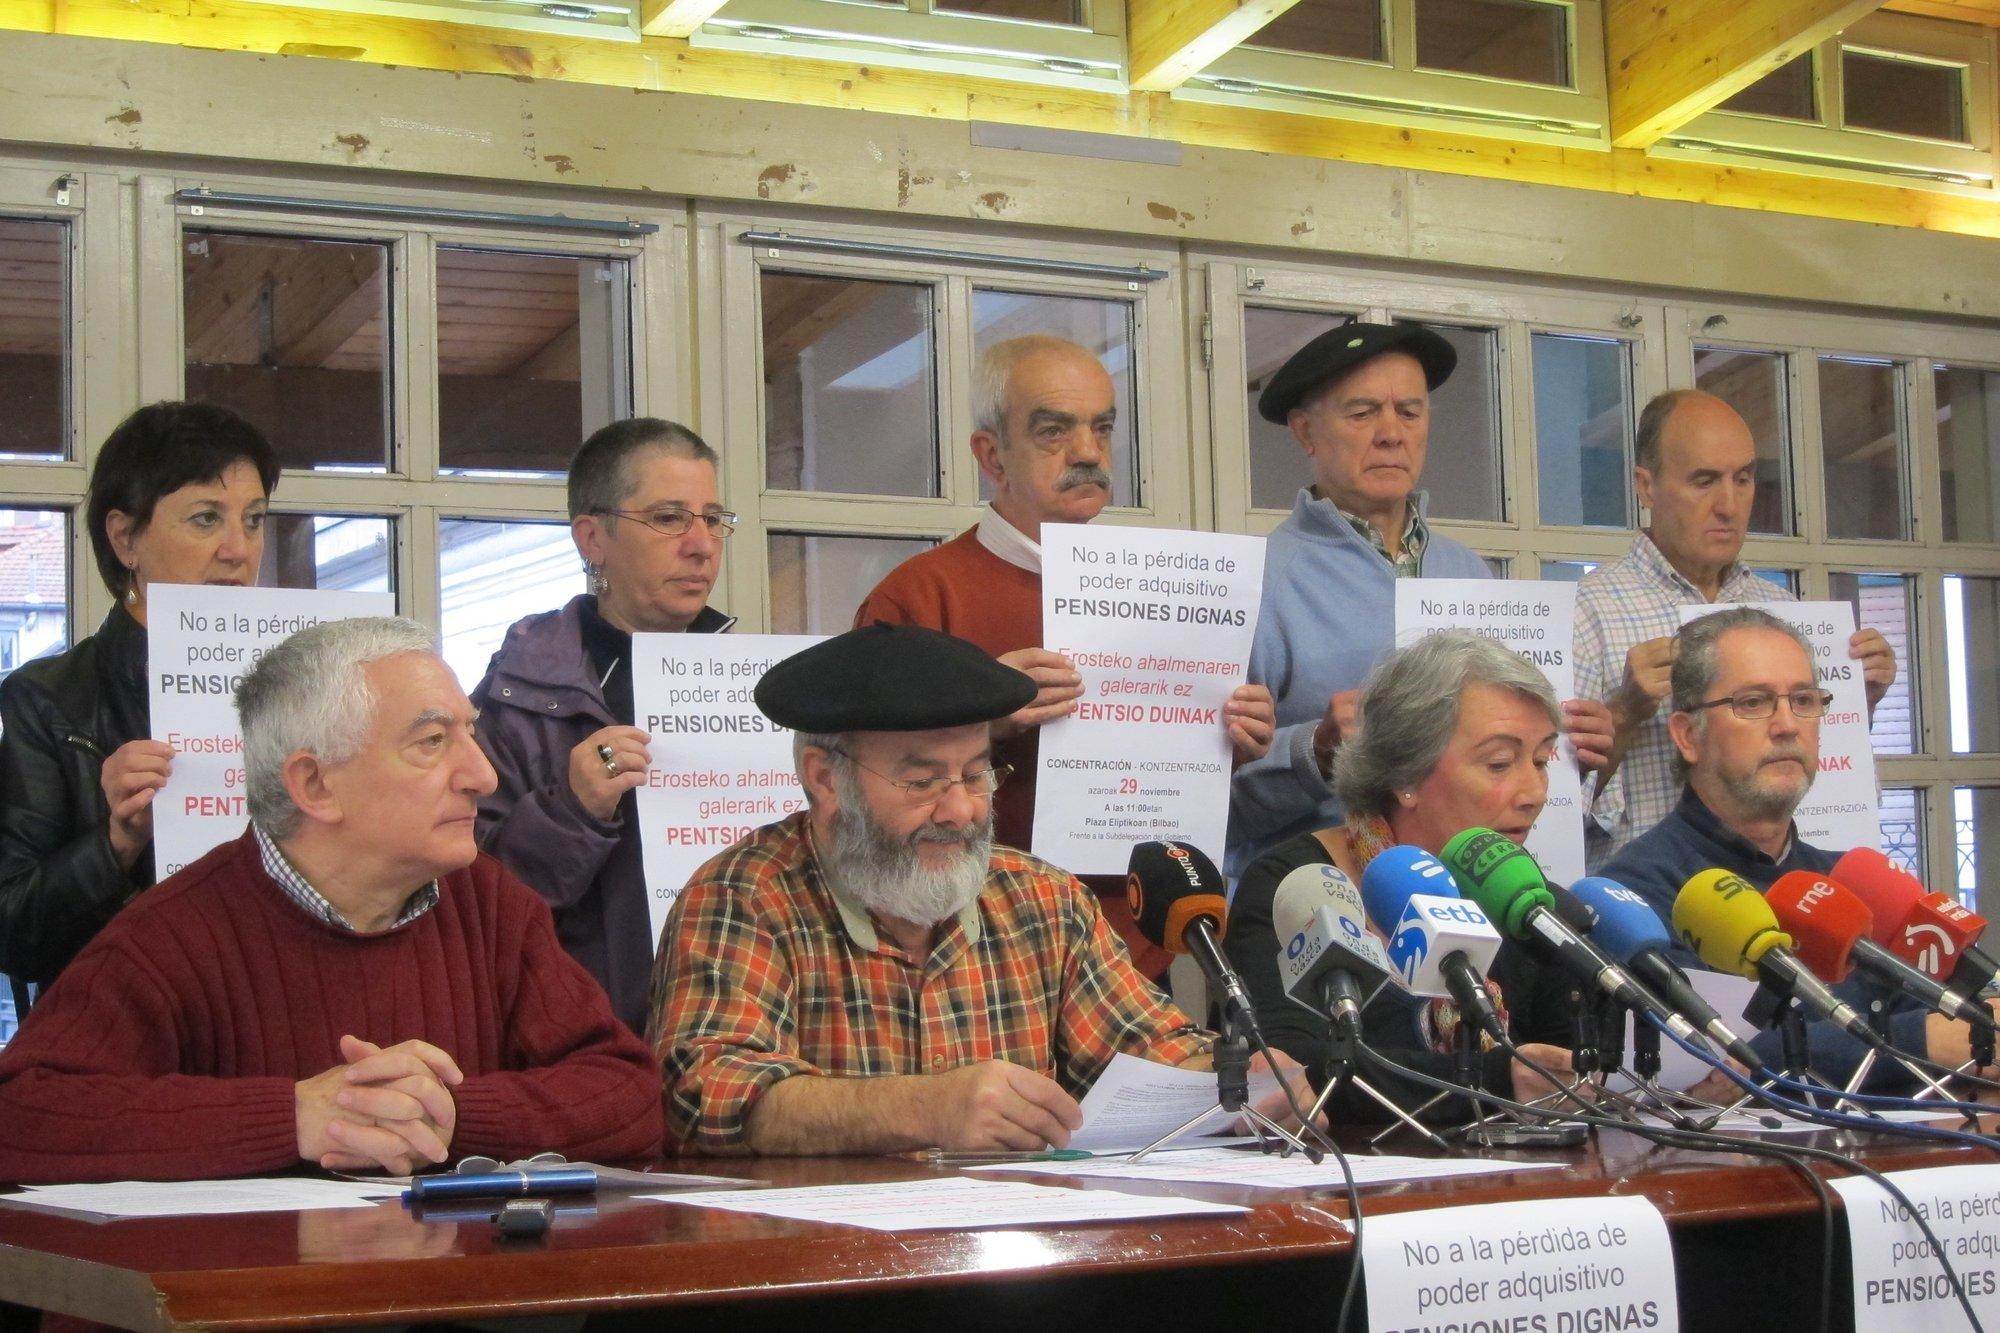 Pensionistas vascos se concentran este jueves para exigir «pensiones dignas»